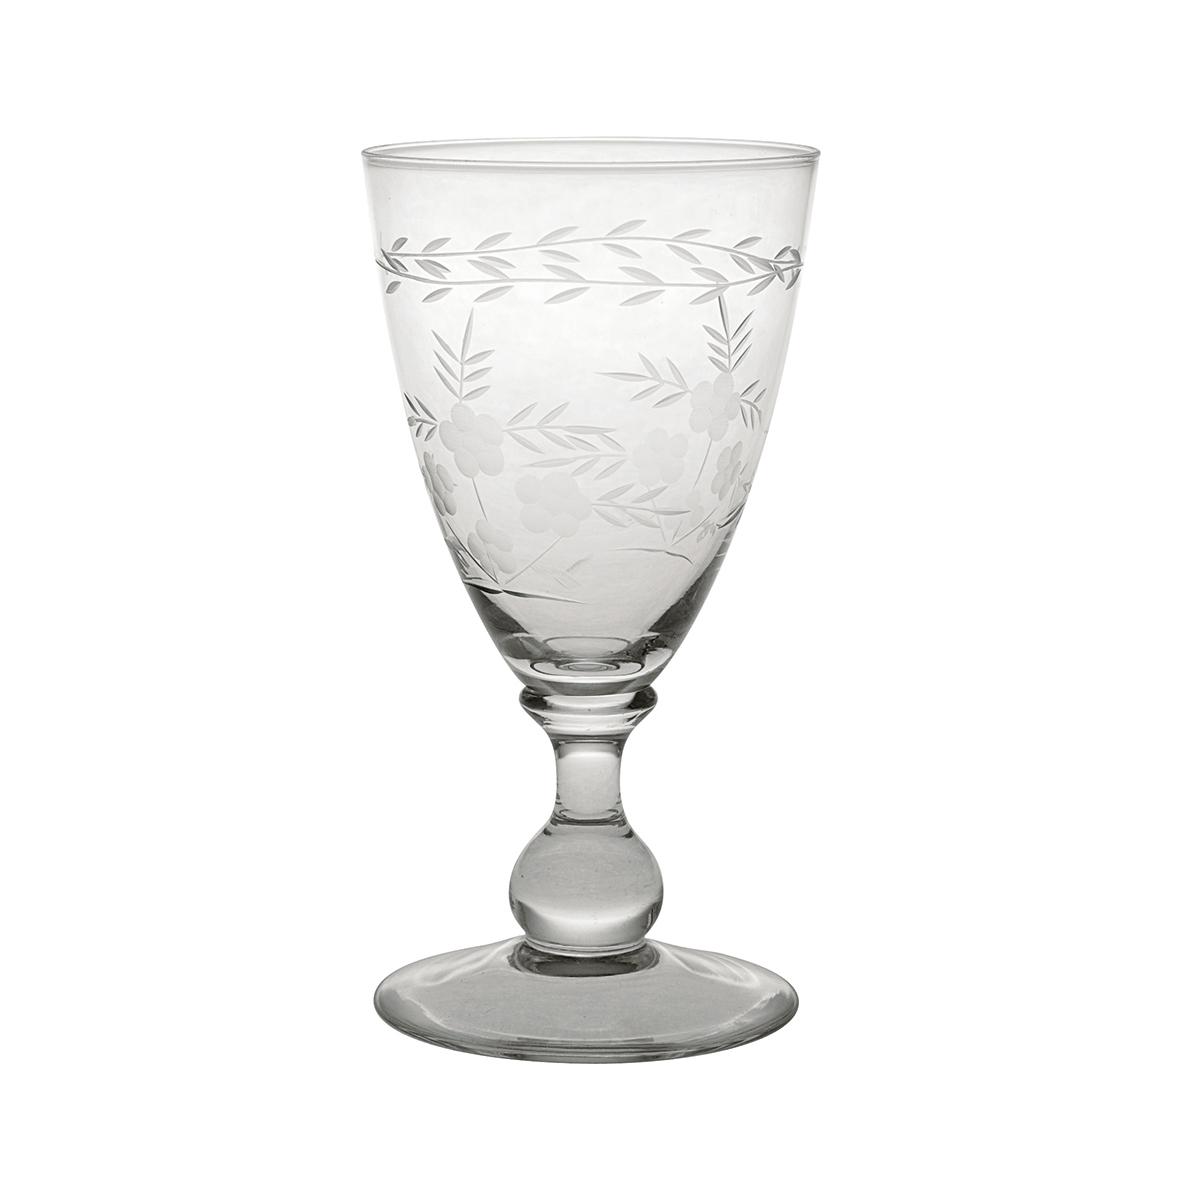 Weinglas mit Gravur / Glasschliff - small - Greengate